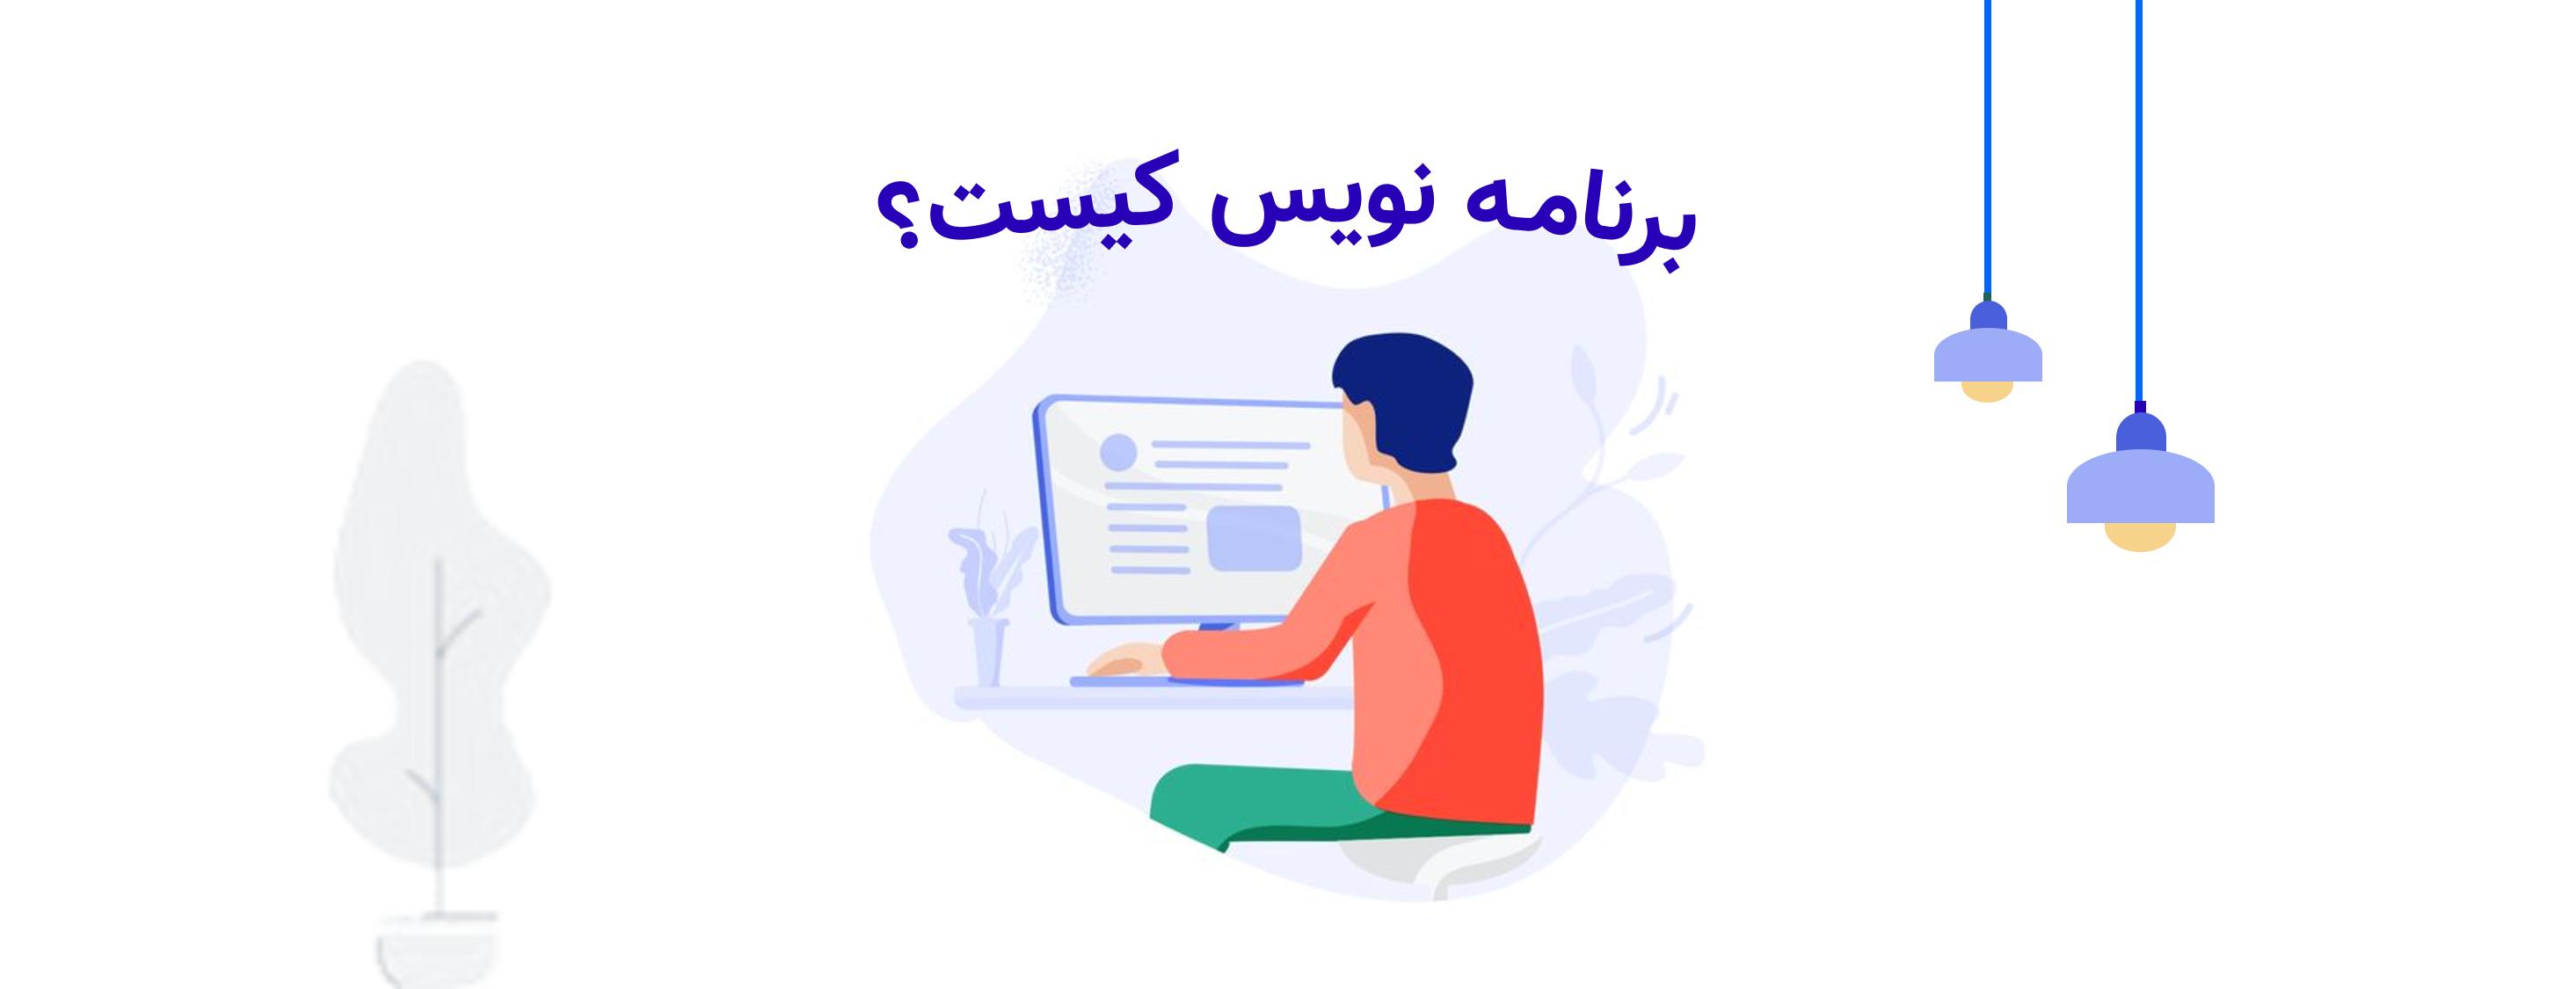 برنامه نویس چگونه موجودی است؟